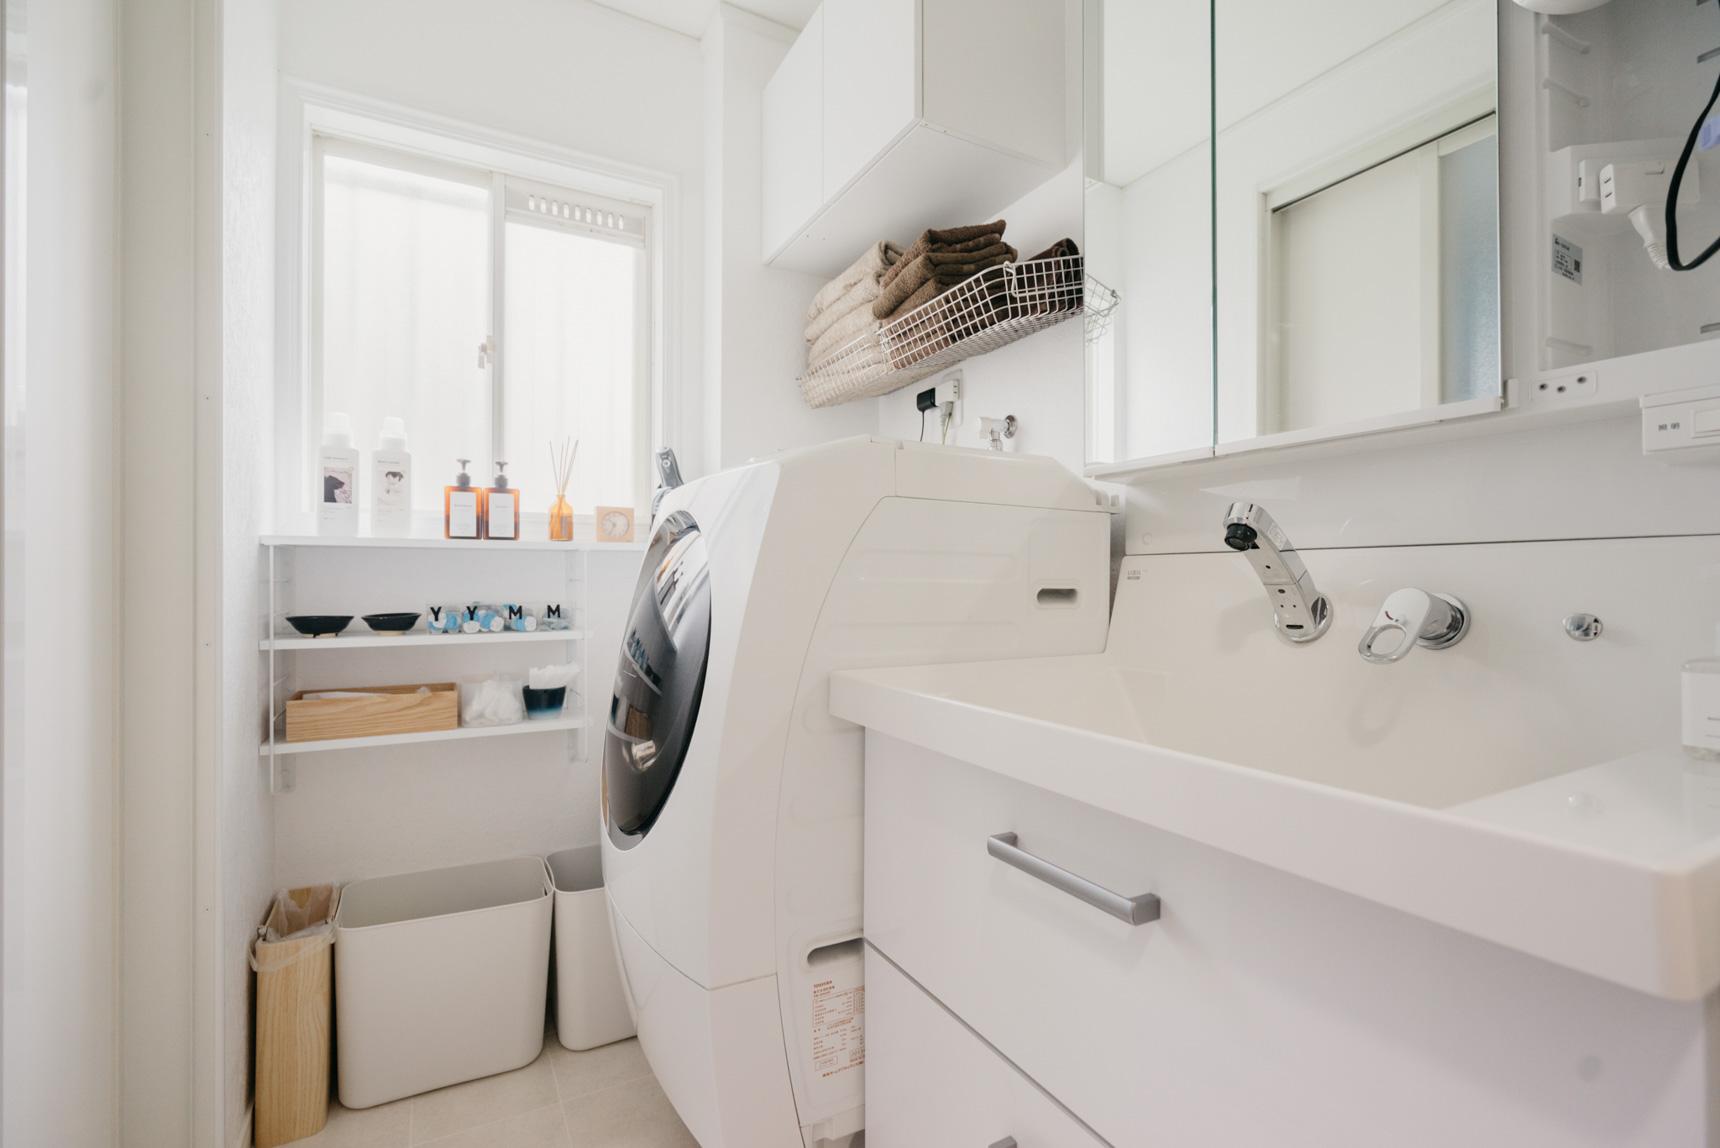 また下着類なども、少し離れた衣類収納場所には置かずに、あえて洗面台の下に収納。乾燥機を利用した後にすぐにしまえて手間がかからないだけでなく、お風呂からあがったらすぐに使用するため、ということ。動線をいかに短くするかを考えることも、散らからないポイントの一つのようです。